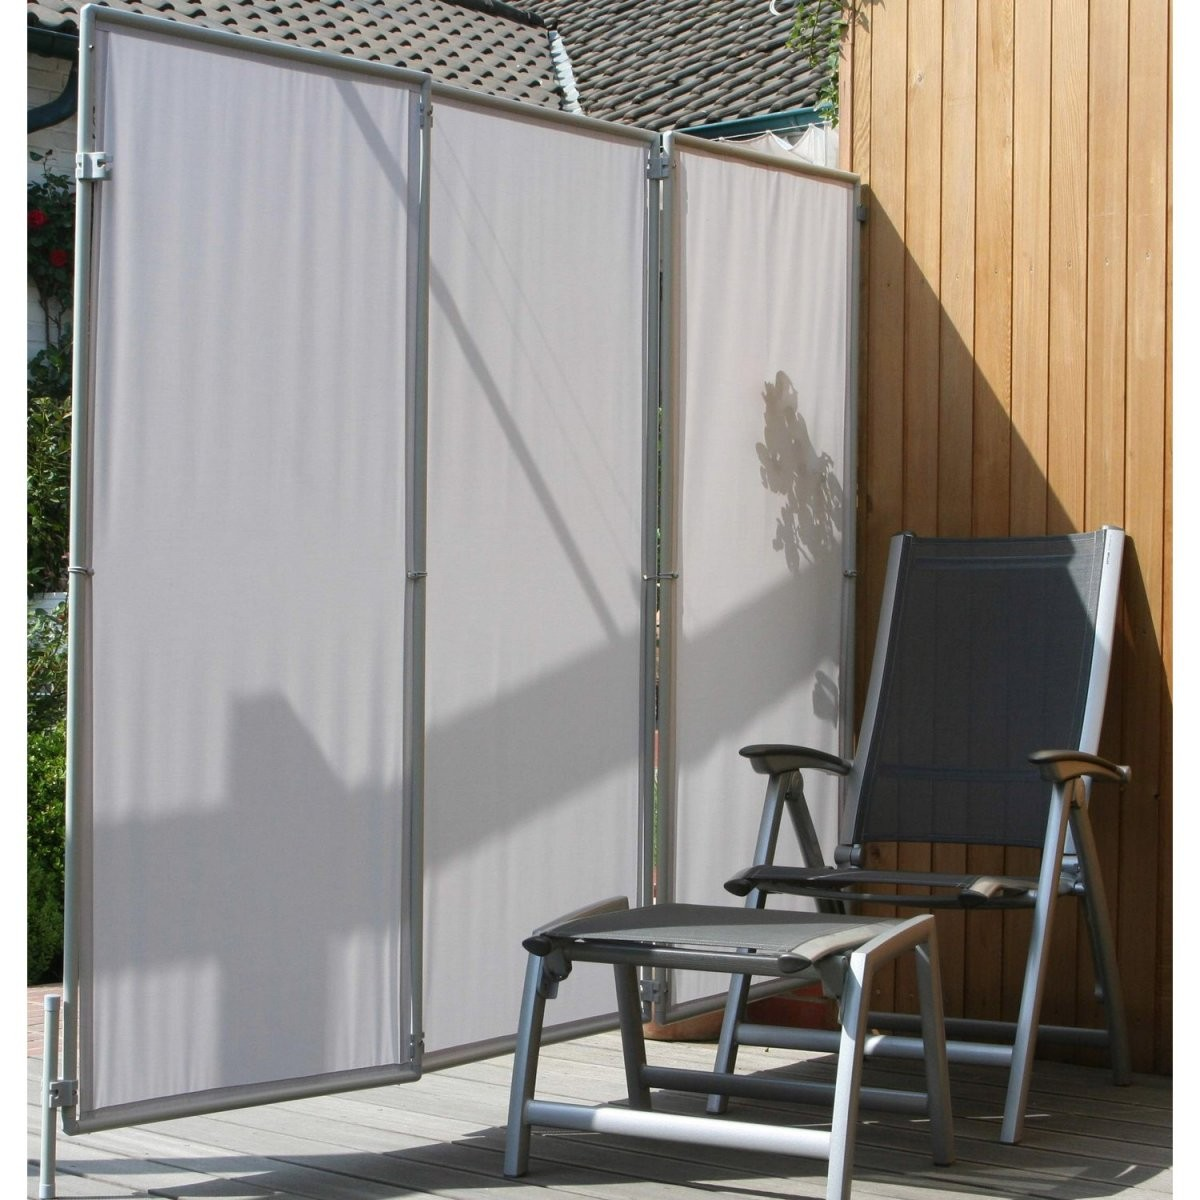 Windschutz Kaufen Bei Obi von Windschutz Für Balkon Ohne Bohren Bild